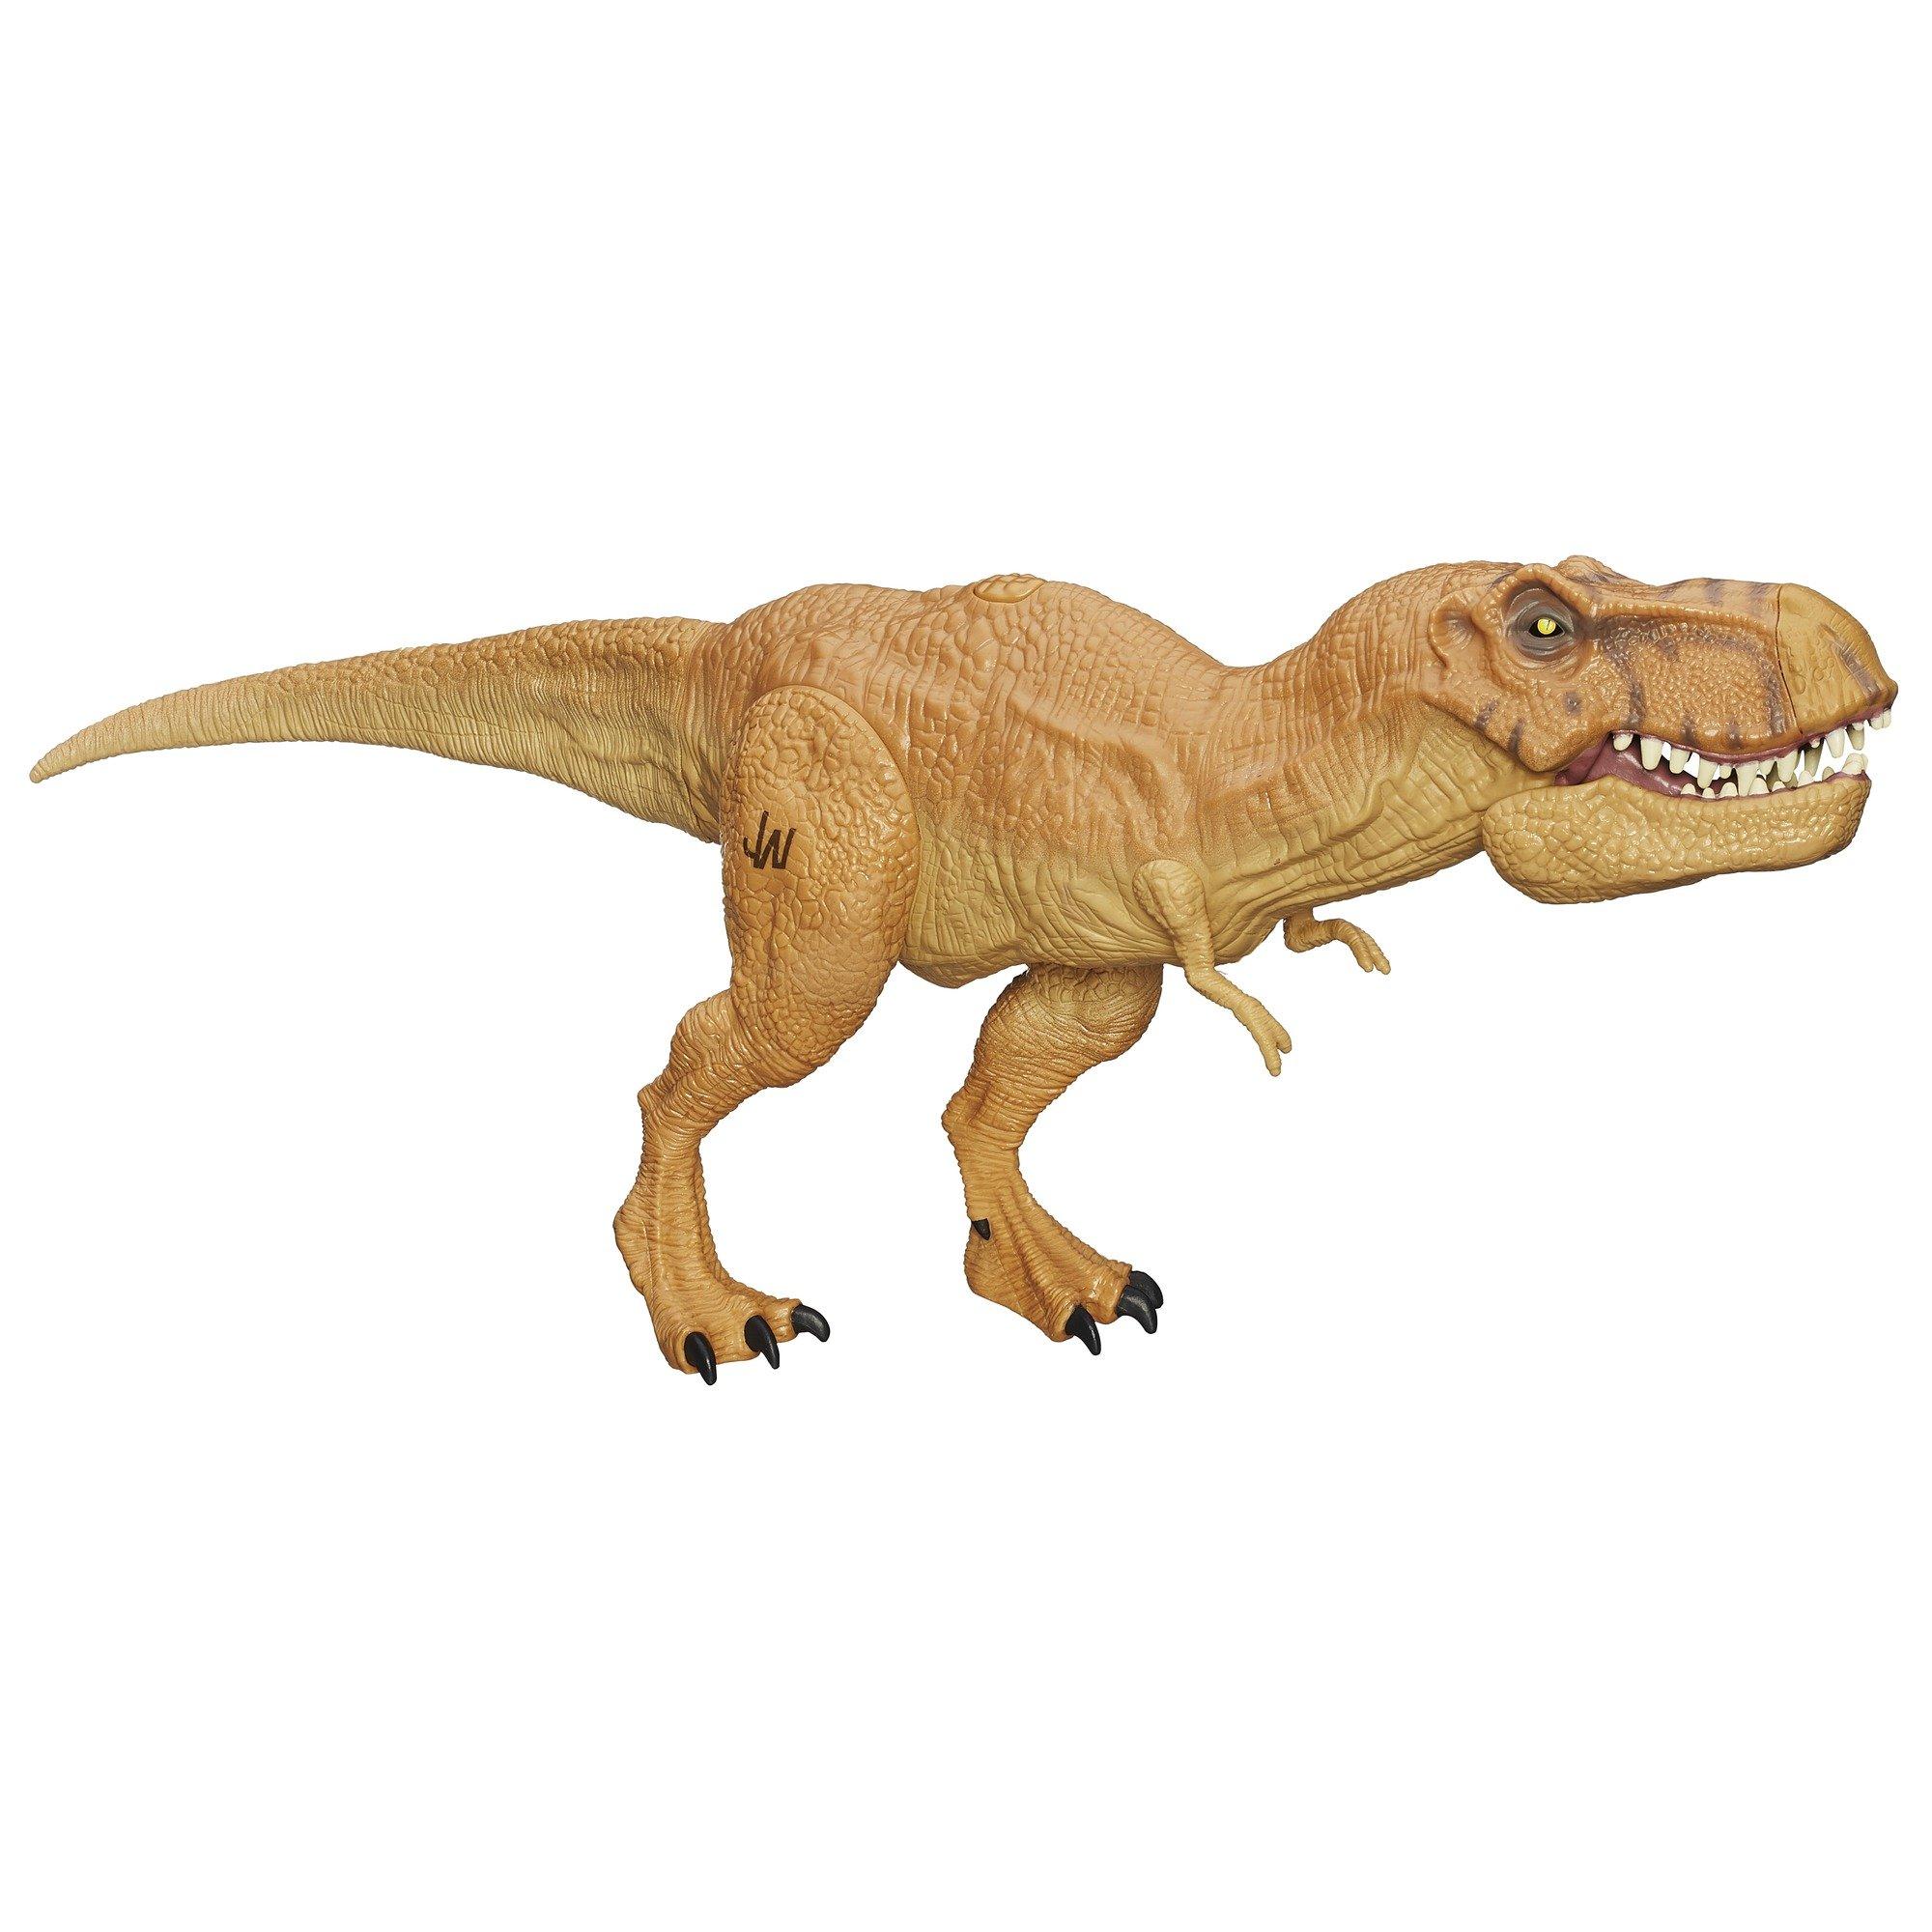 玩具和嗜好 人偶模型 电视电影角色玩具  item specifics: product